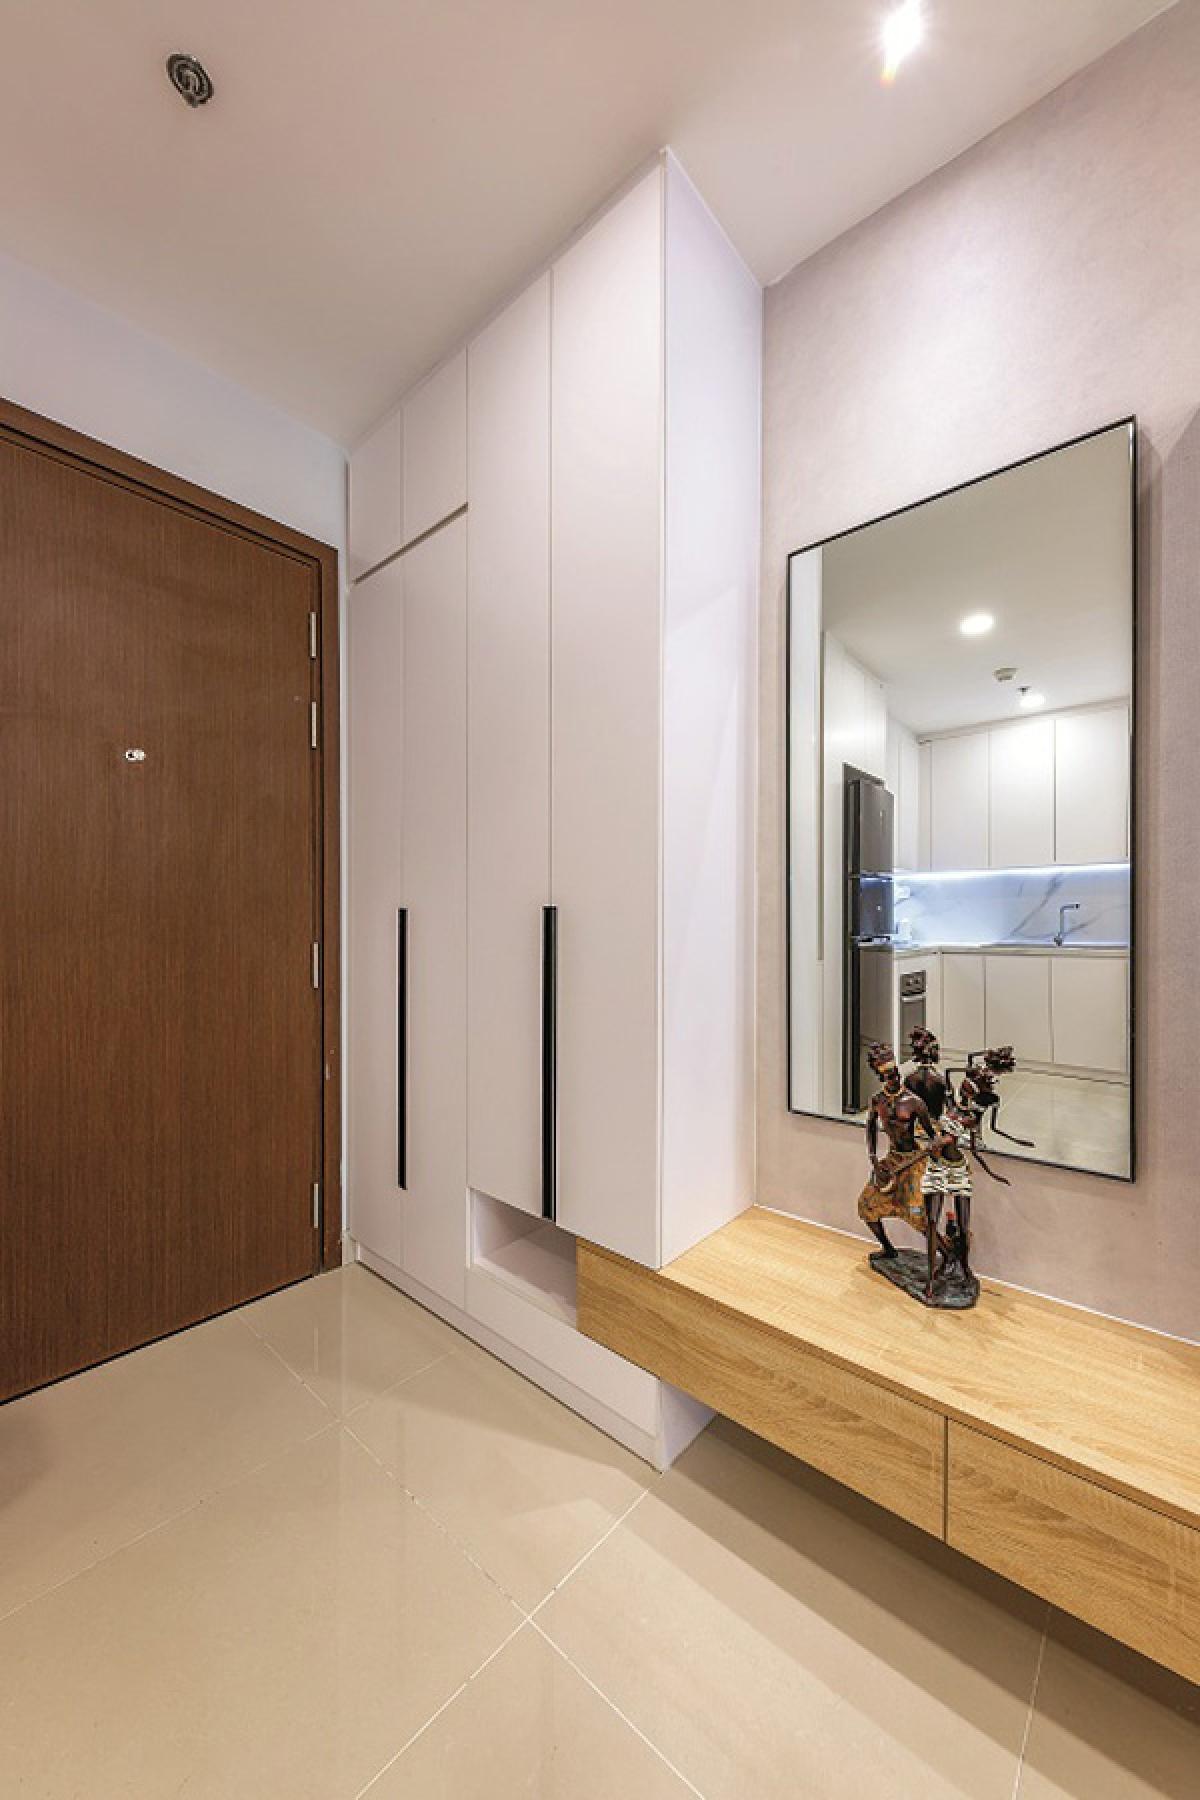 Tuy vậy, chi tiết đồ nội thất không hề đơn điệu mà vẫn có những hình khối và nhấn nhá khéo léo để tạo nên cá tính riêng. Đây là góc sảnh với tủ giầy và tấm gương.